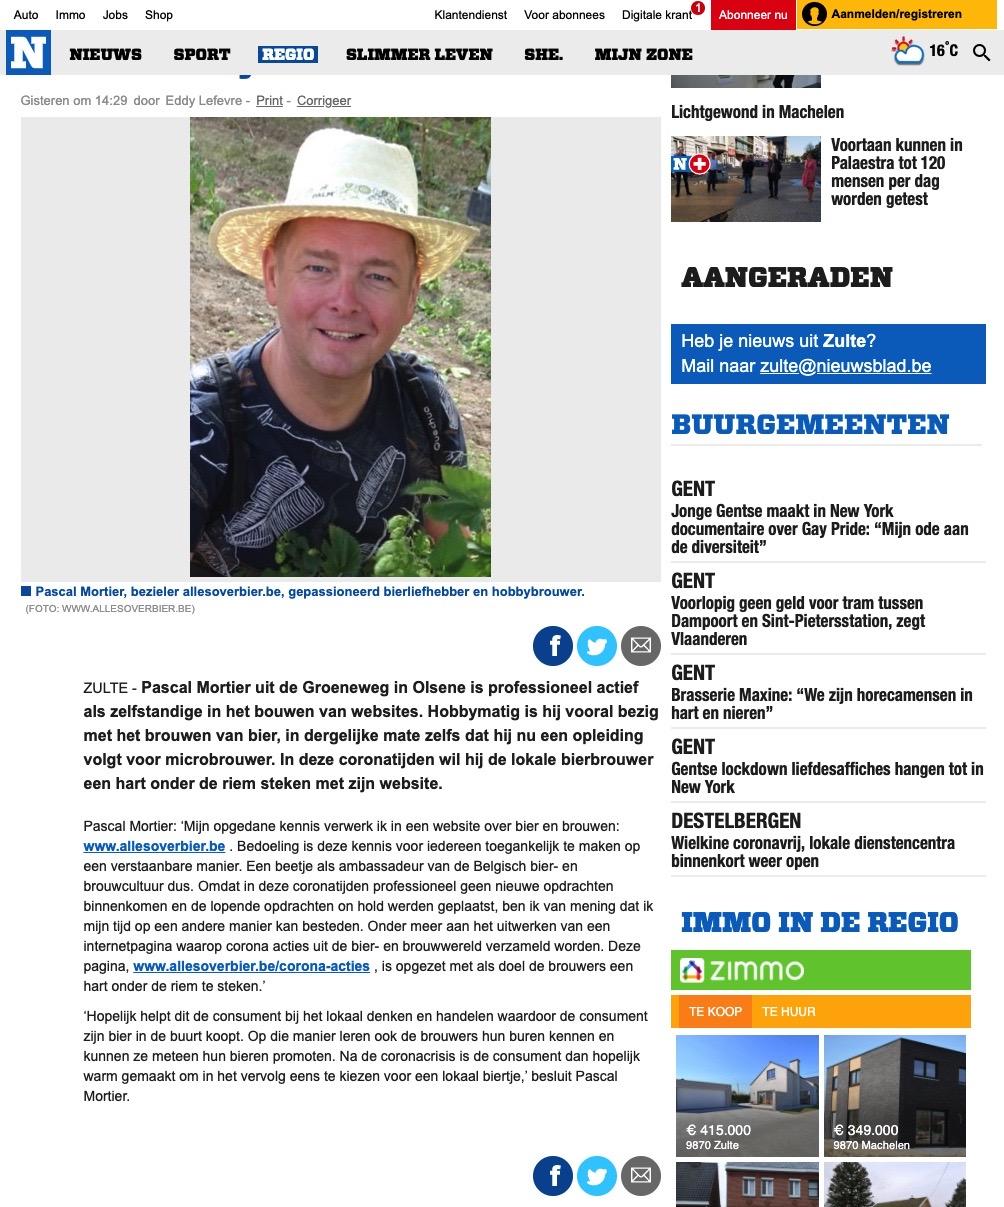 Het Nieuwsblad : corona acties